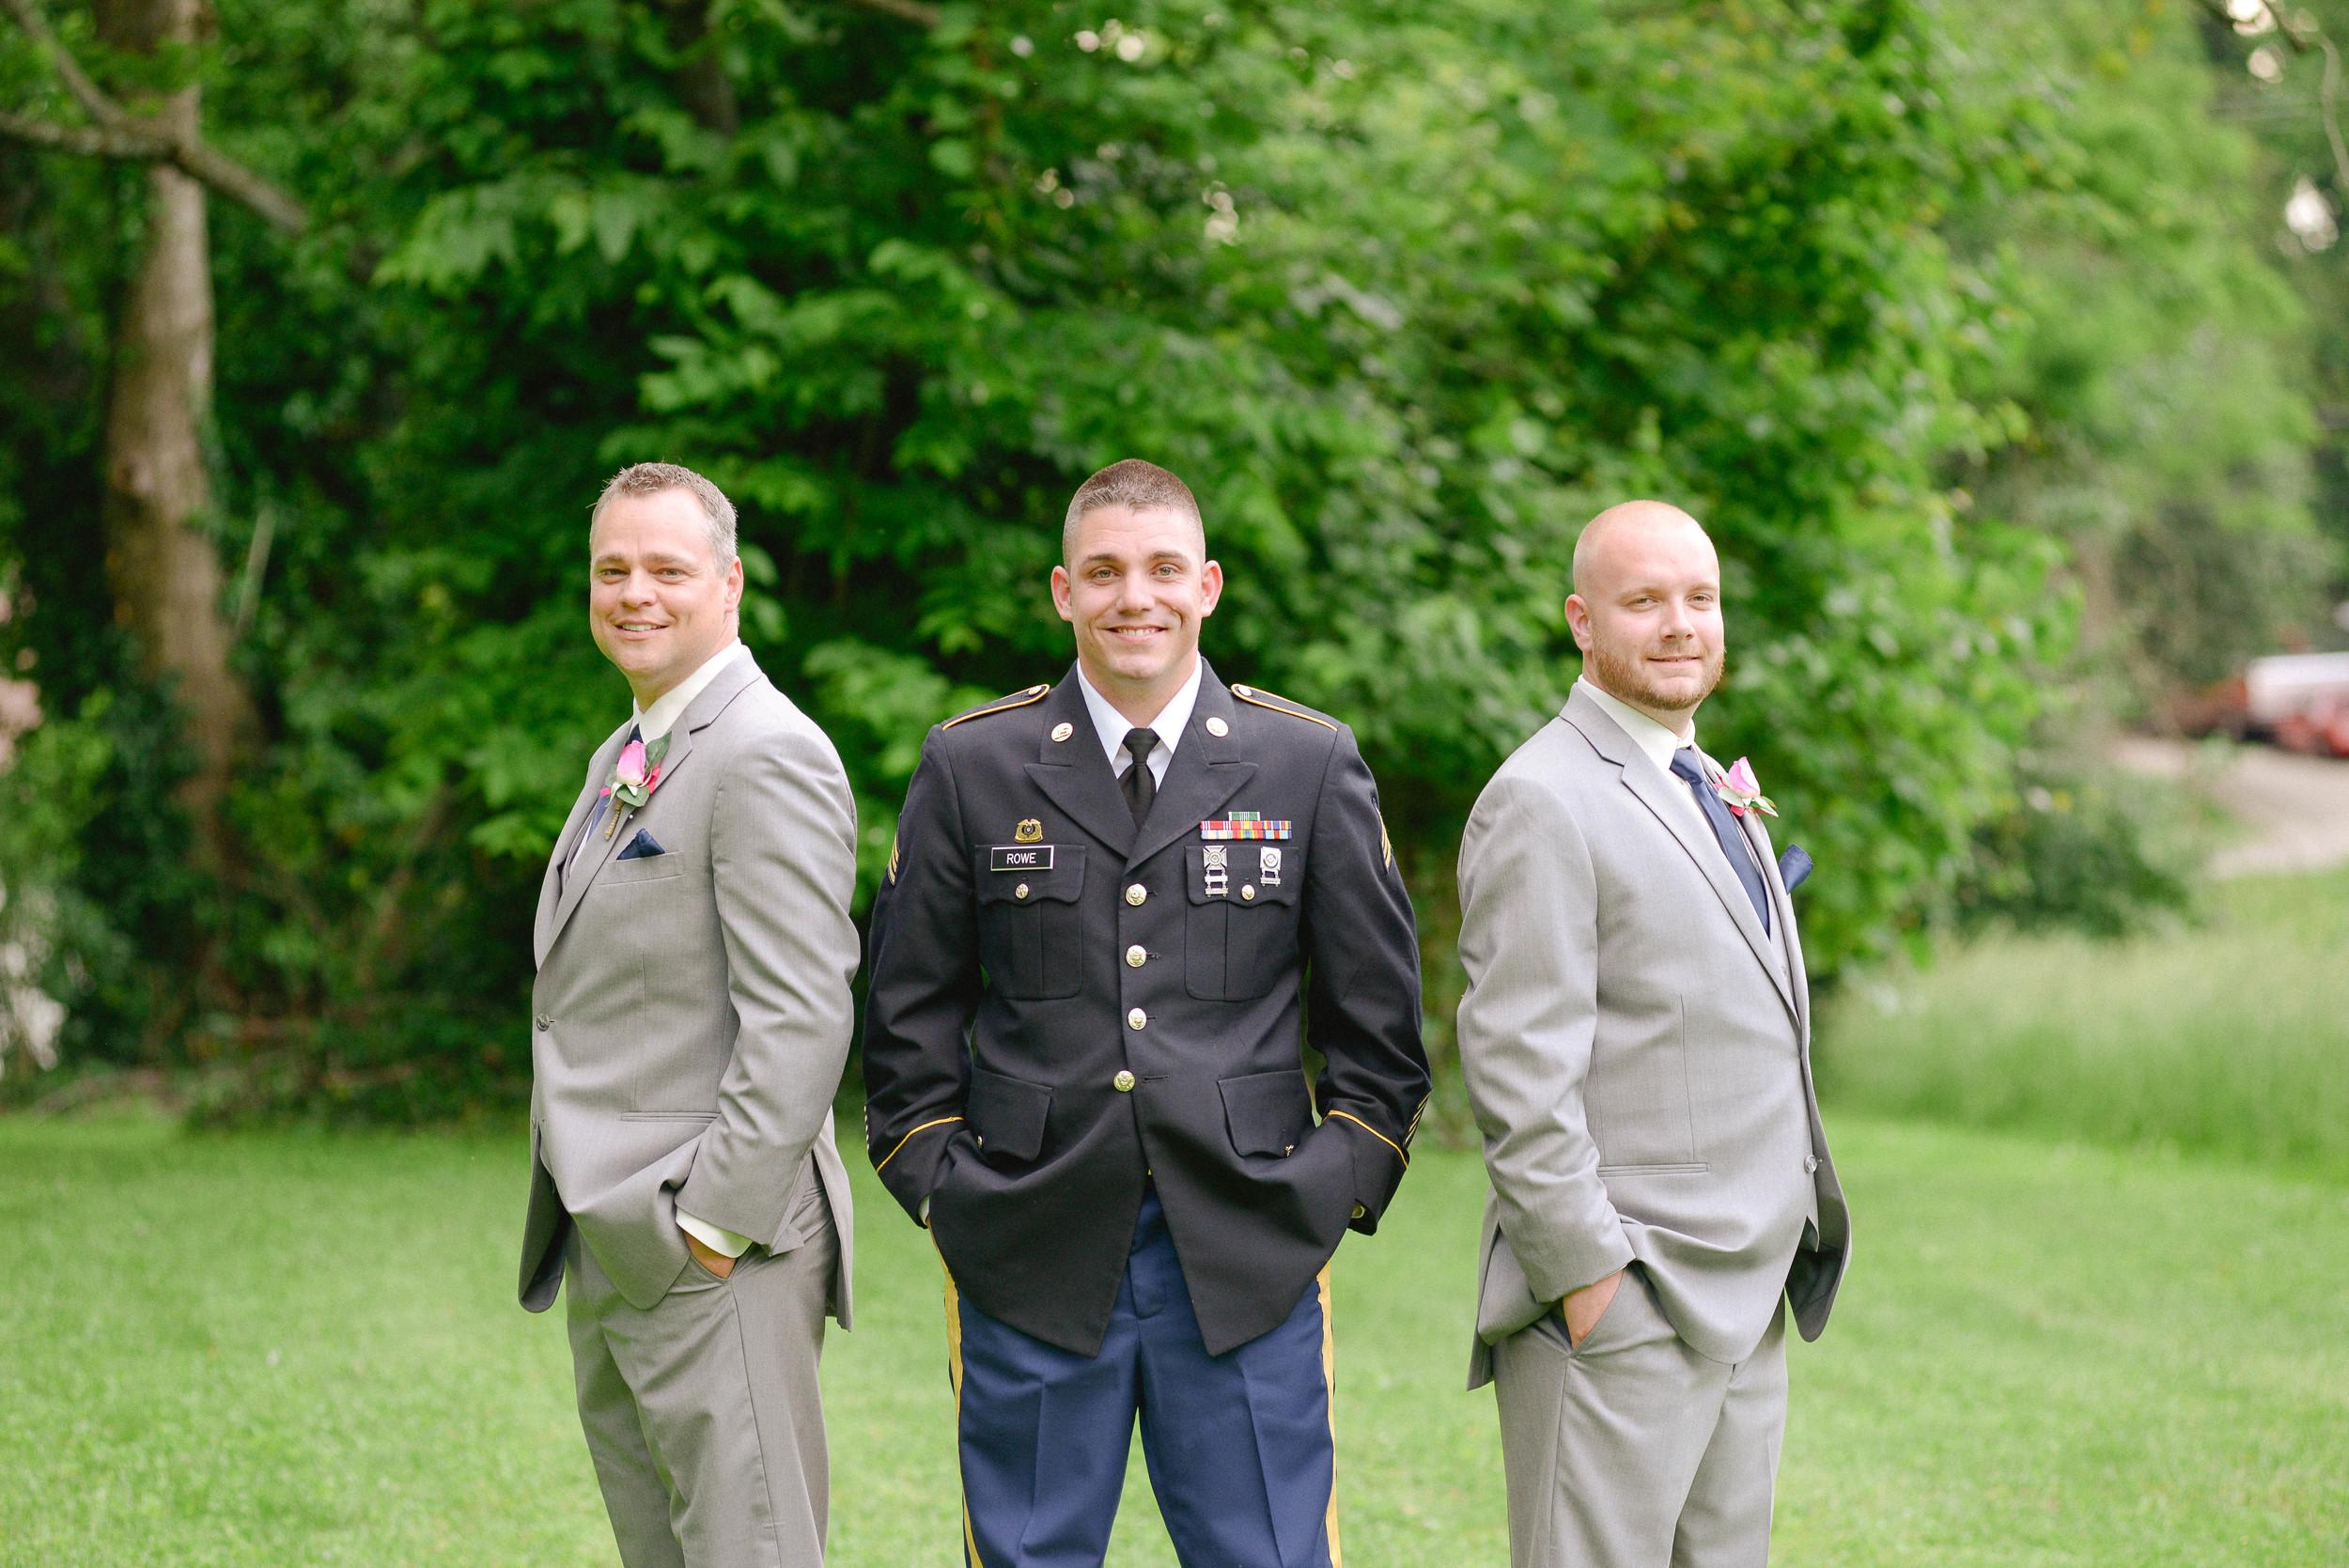 Kentucky groom